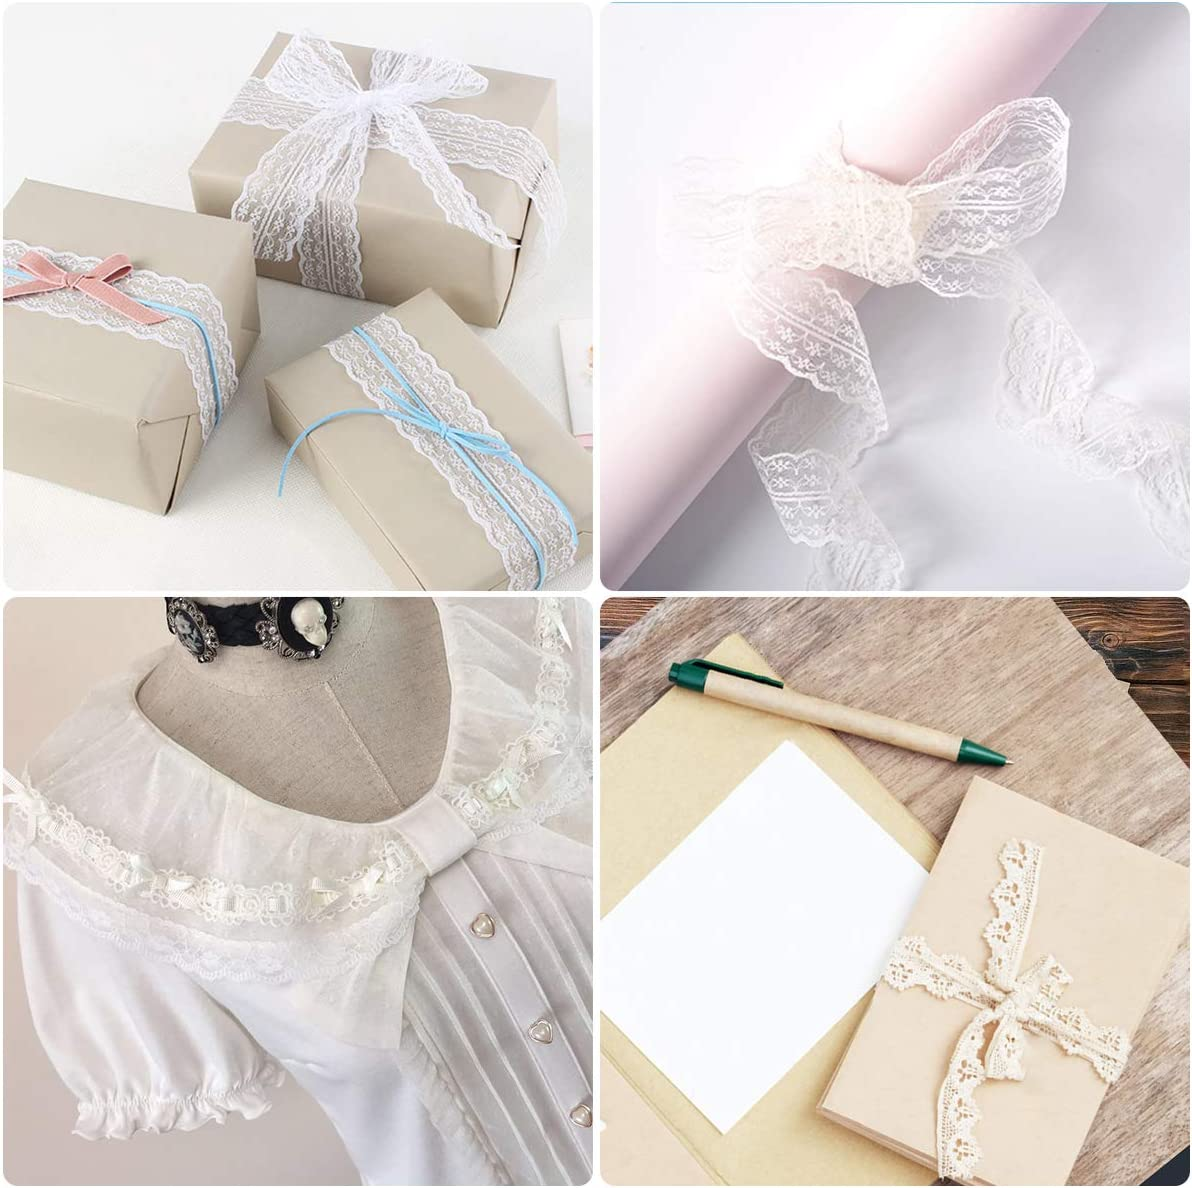 10 yards 3.5cm KING DO WAY Ruban De Dentelle Blanche Bordure Garniture DIY Couture Loisirs Cr/éatifs Lace Trim Ribbons Dentelle Blanche , 5 Pcs